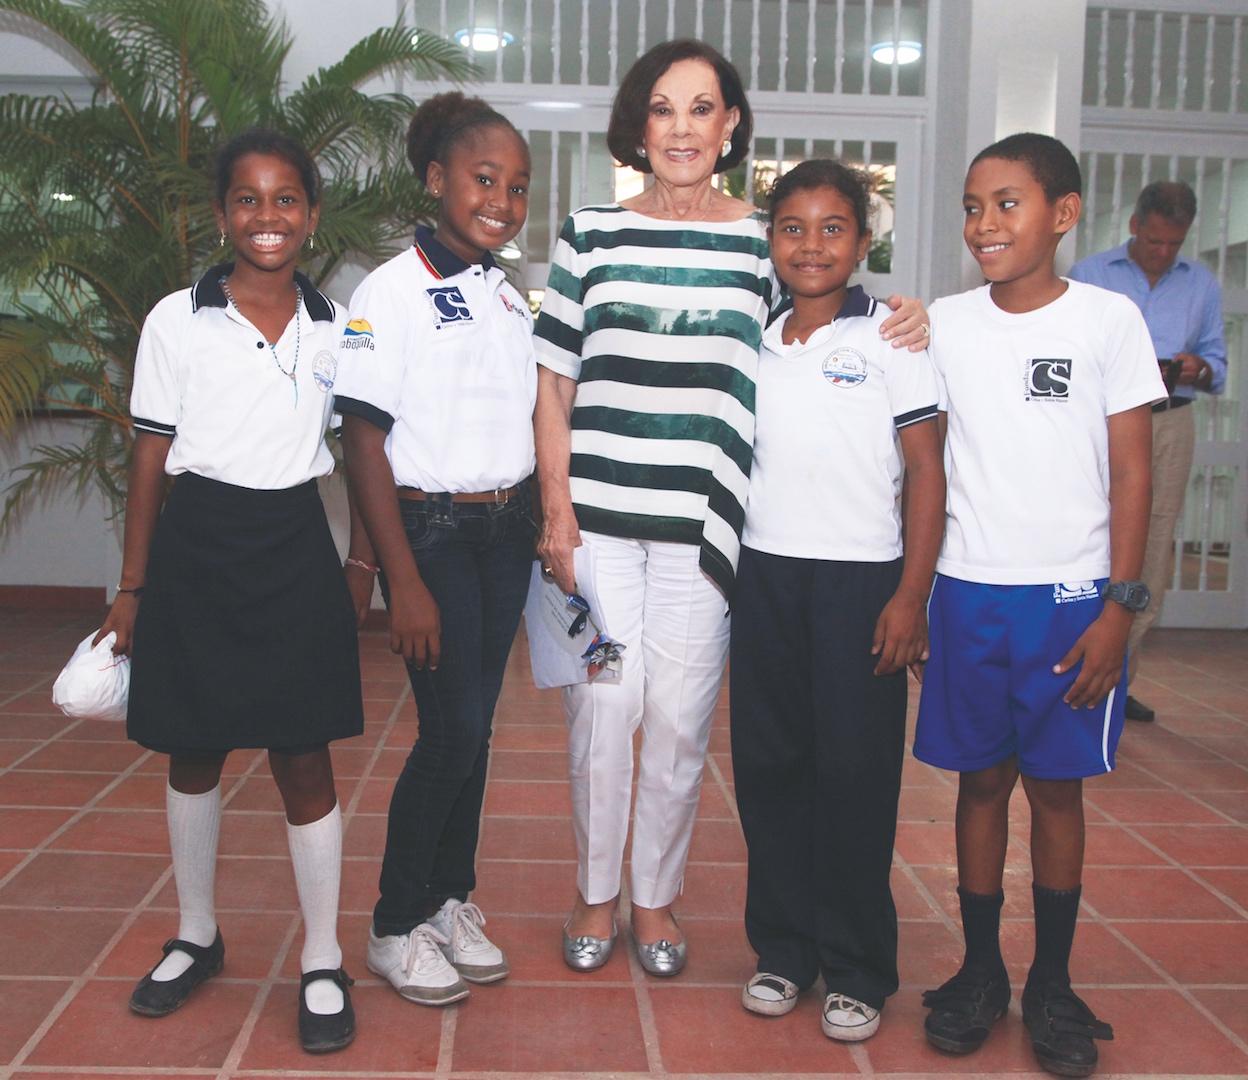 Fundacion-Carlos-y-Sonia-Haime-4